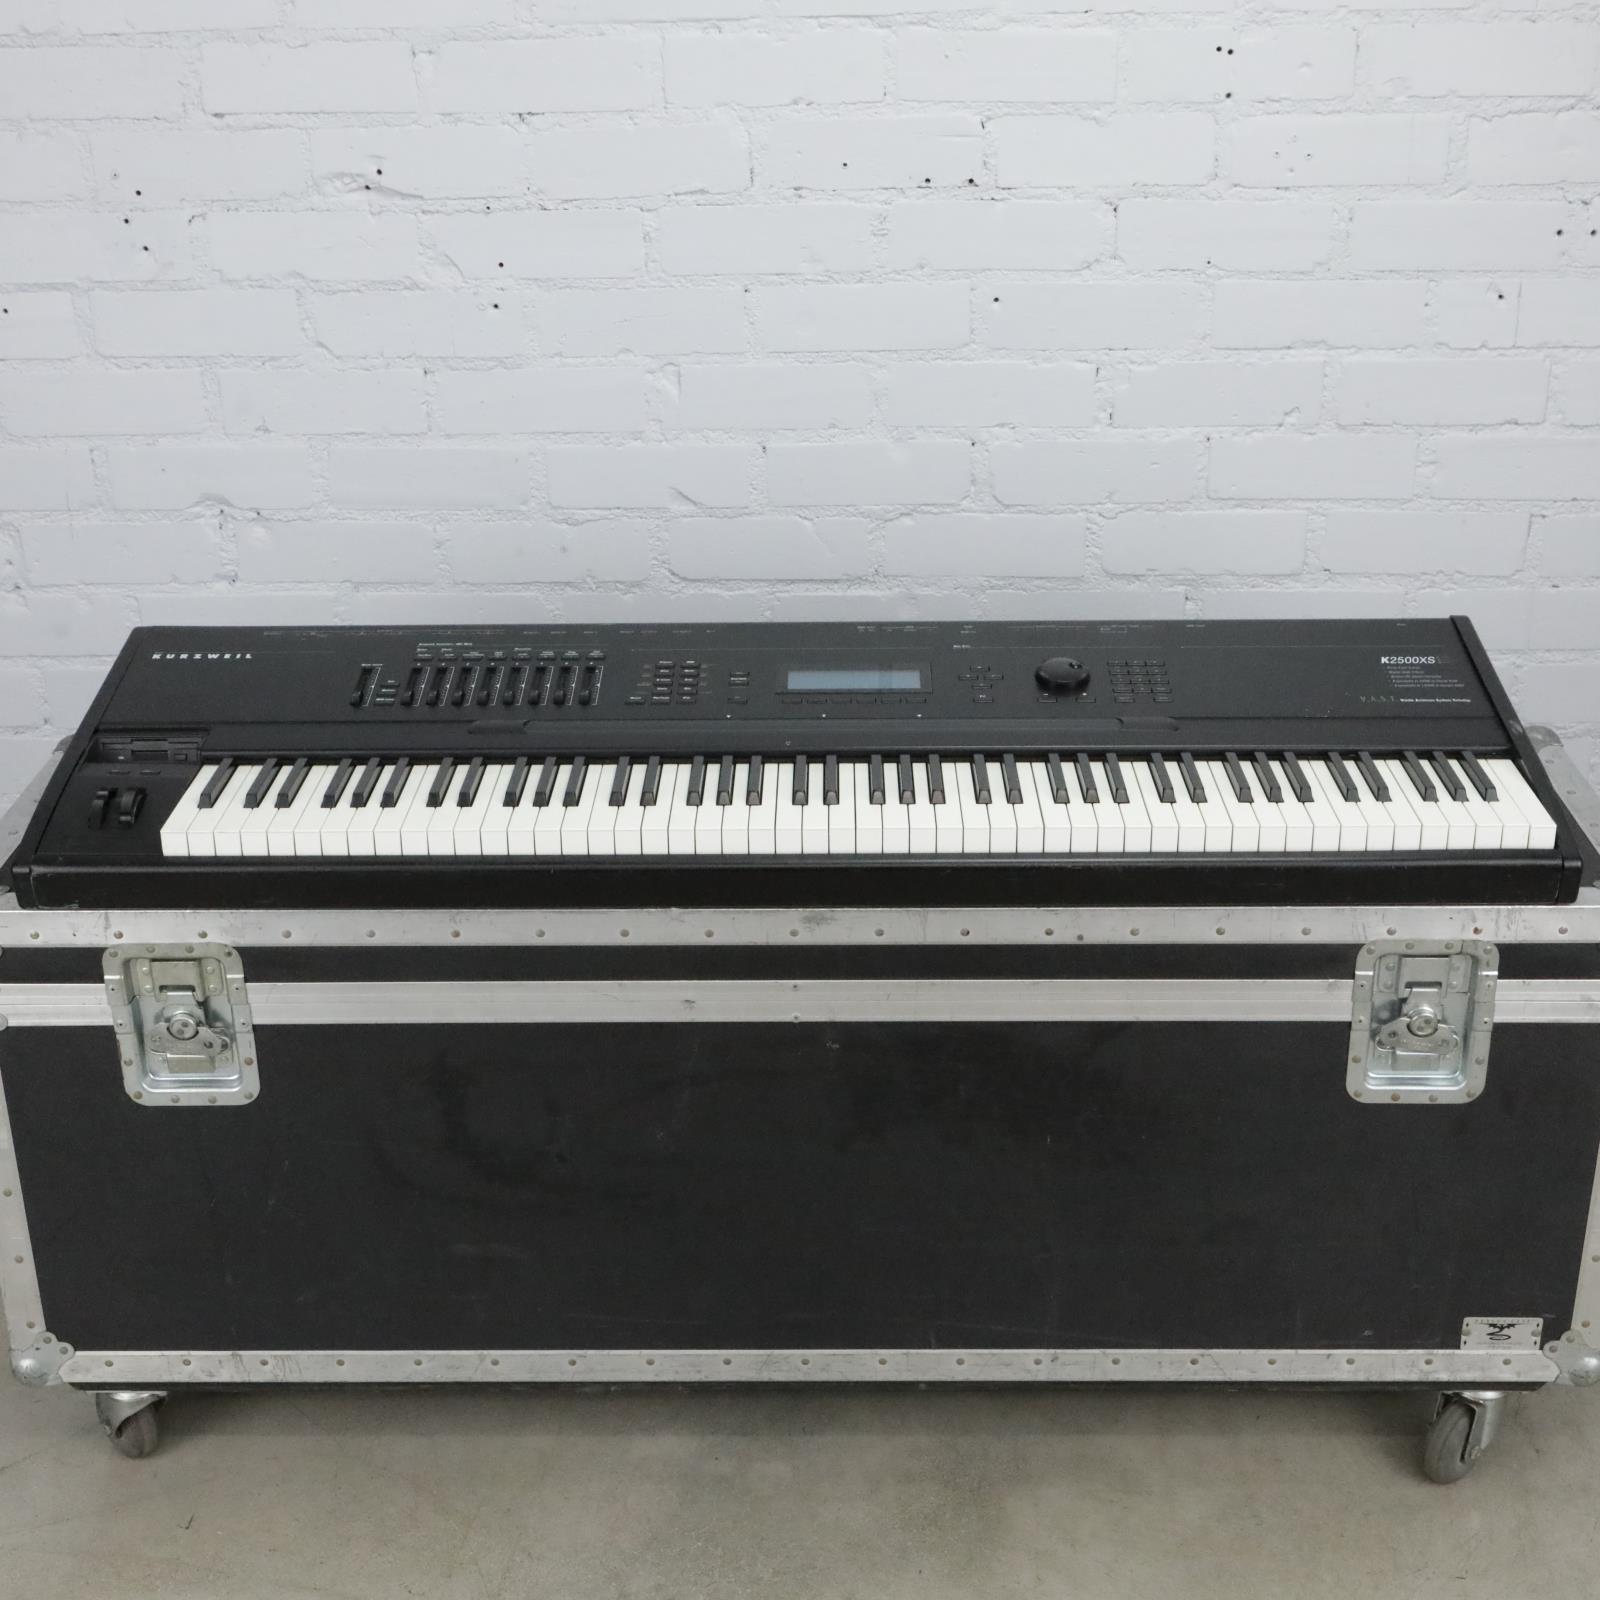 Kurzweil K2500XS 76-Key Keyboard Synthesizer Workstation #40710